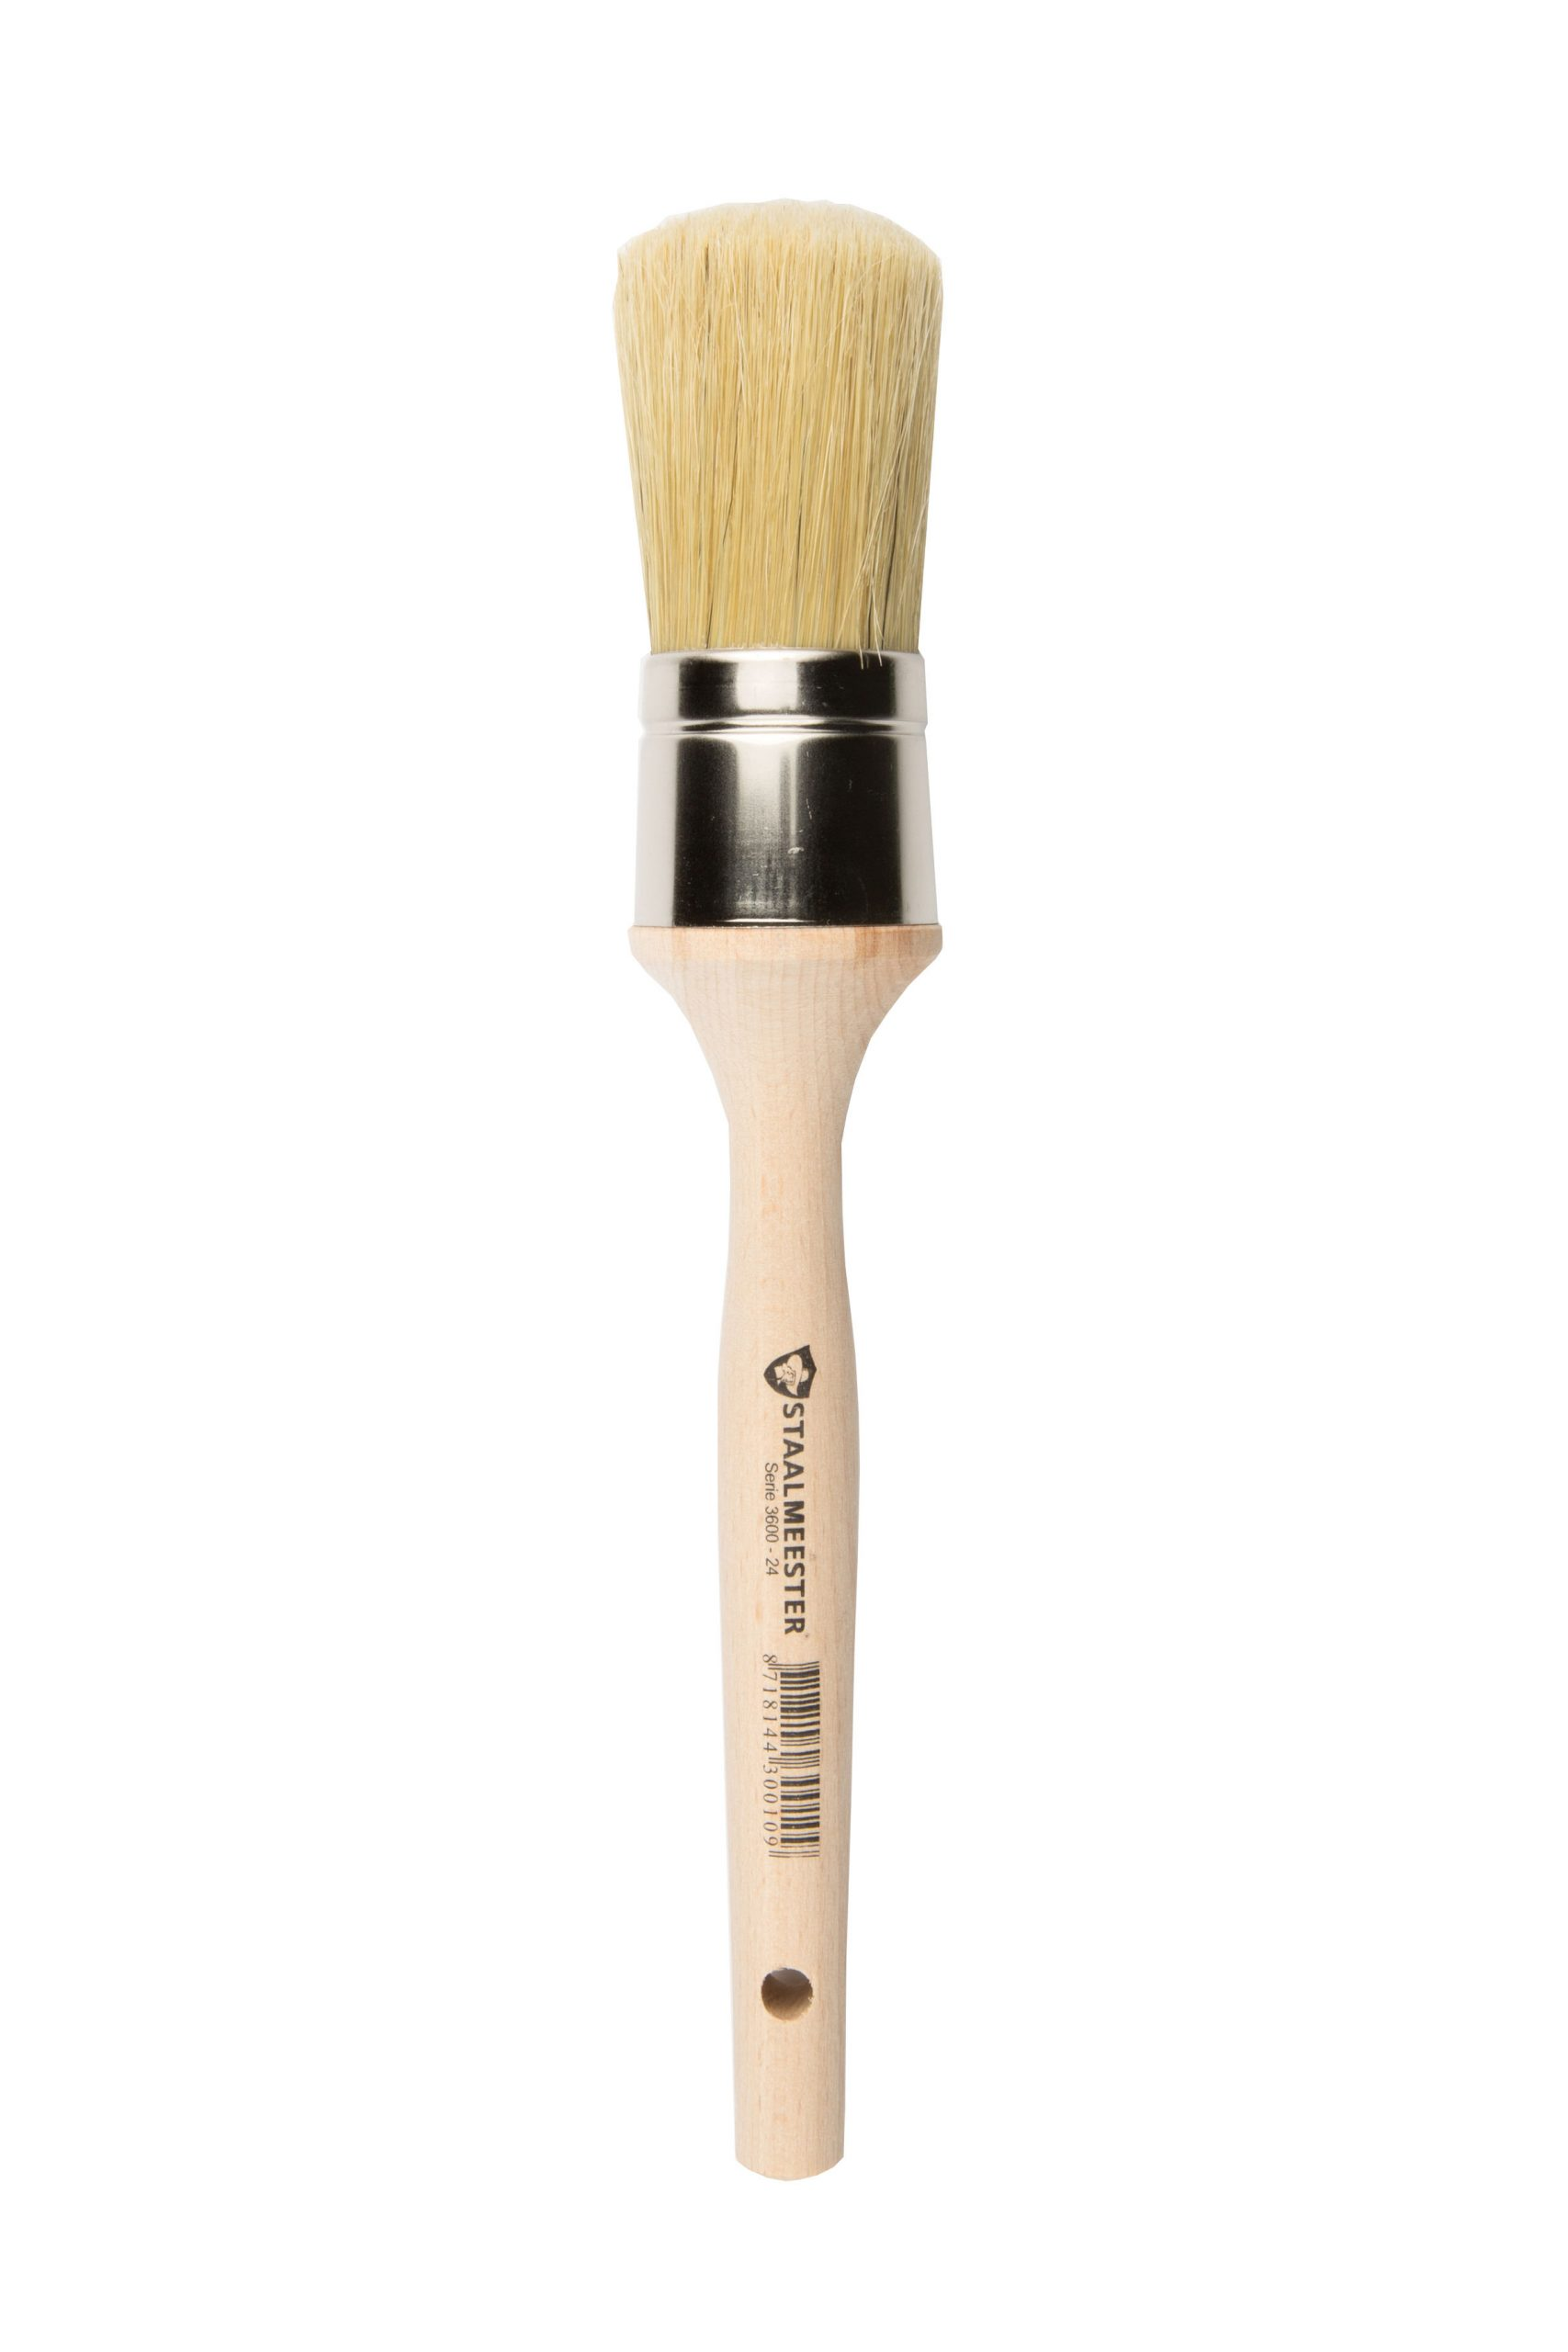 Staalmeester Premium Brush - Round Natural Bristle #24 1